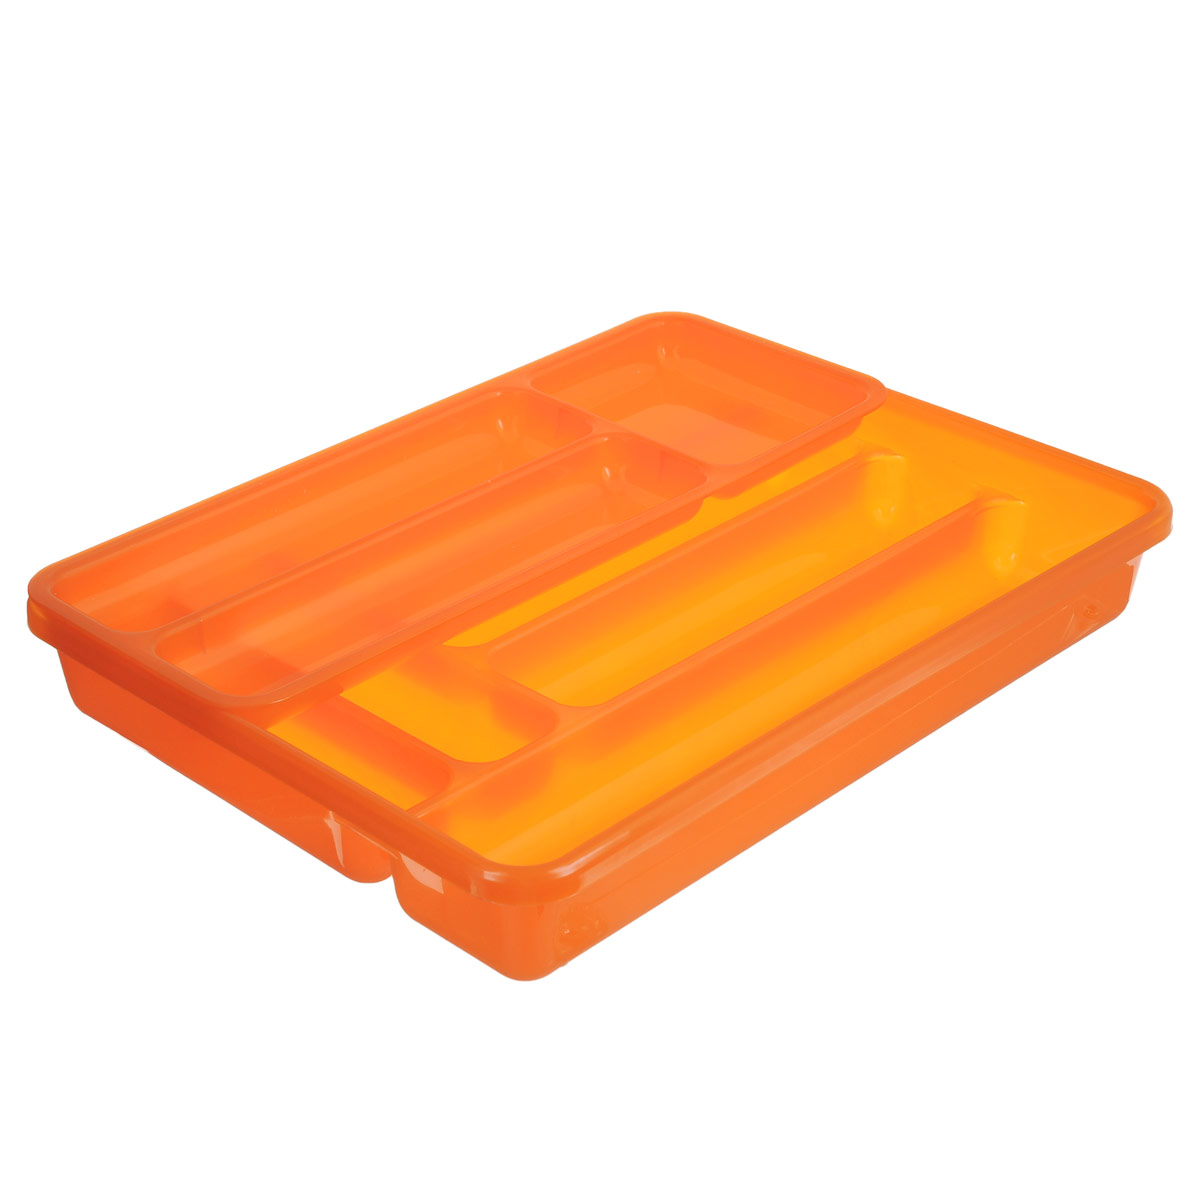 Лоток для столовых приборов Cosmoplast, двойной, цвет: оранжевый, 40 см х 30 см лоток для столовых приборов cosmoplast 6 отделений цвет голубой